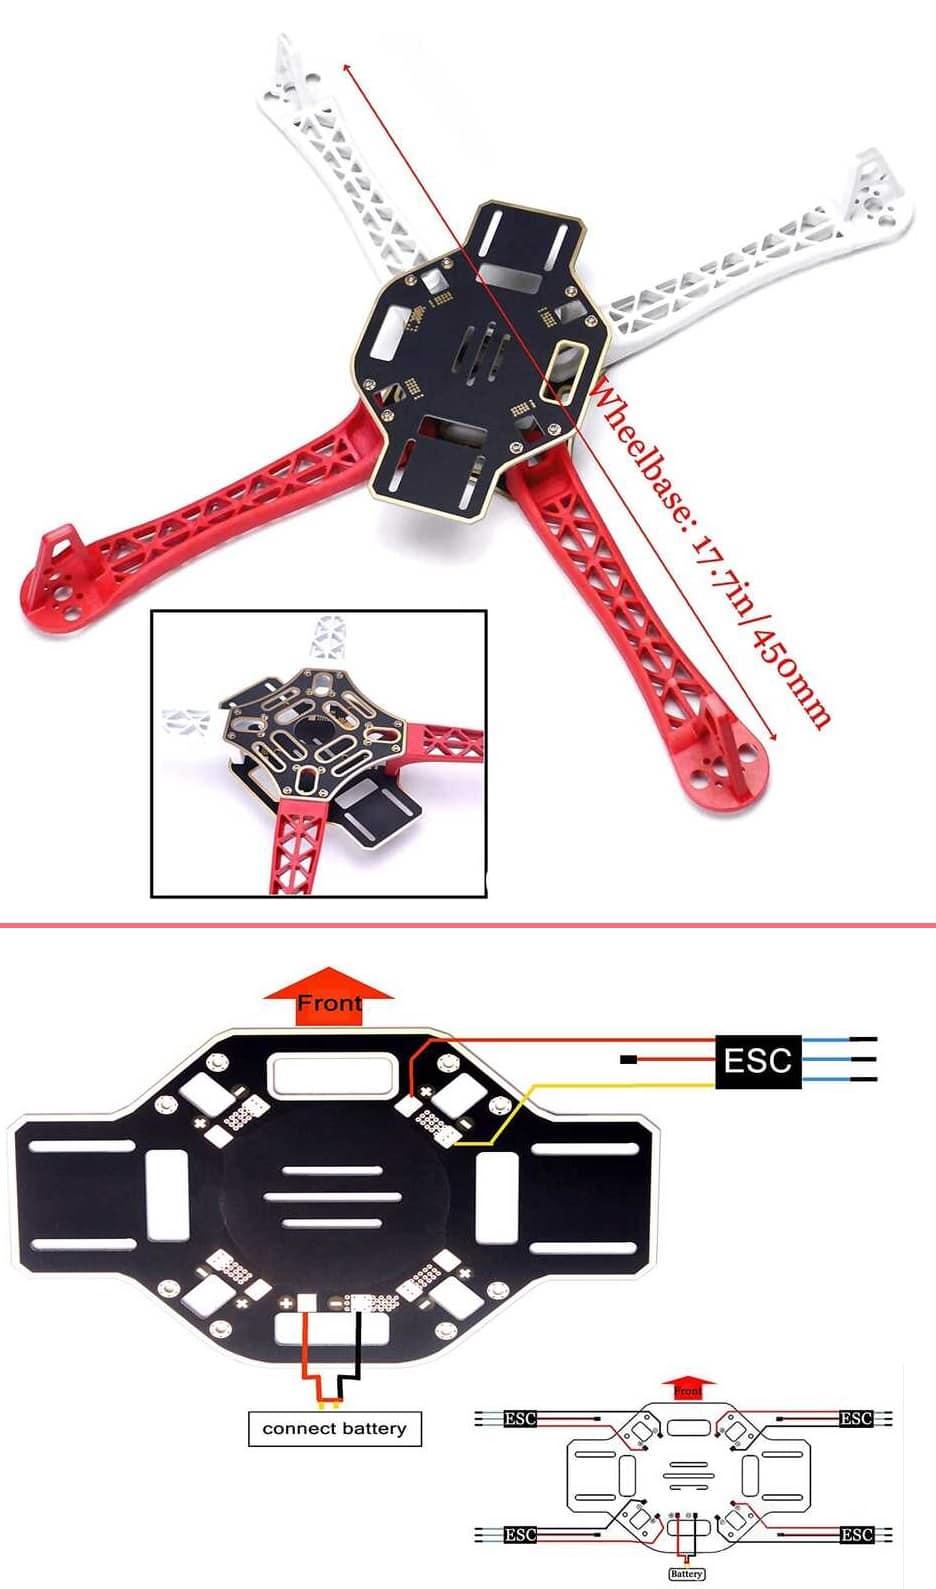 f450-drone-govde-kiti.jpg (87 KB)